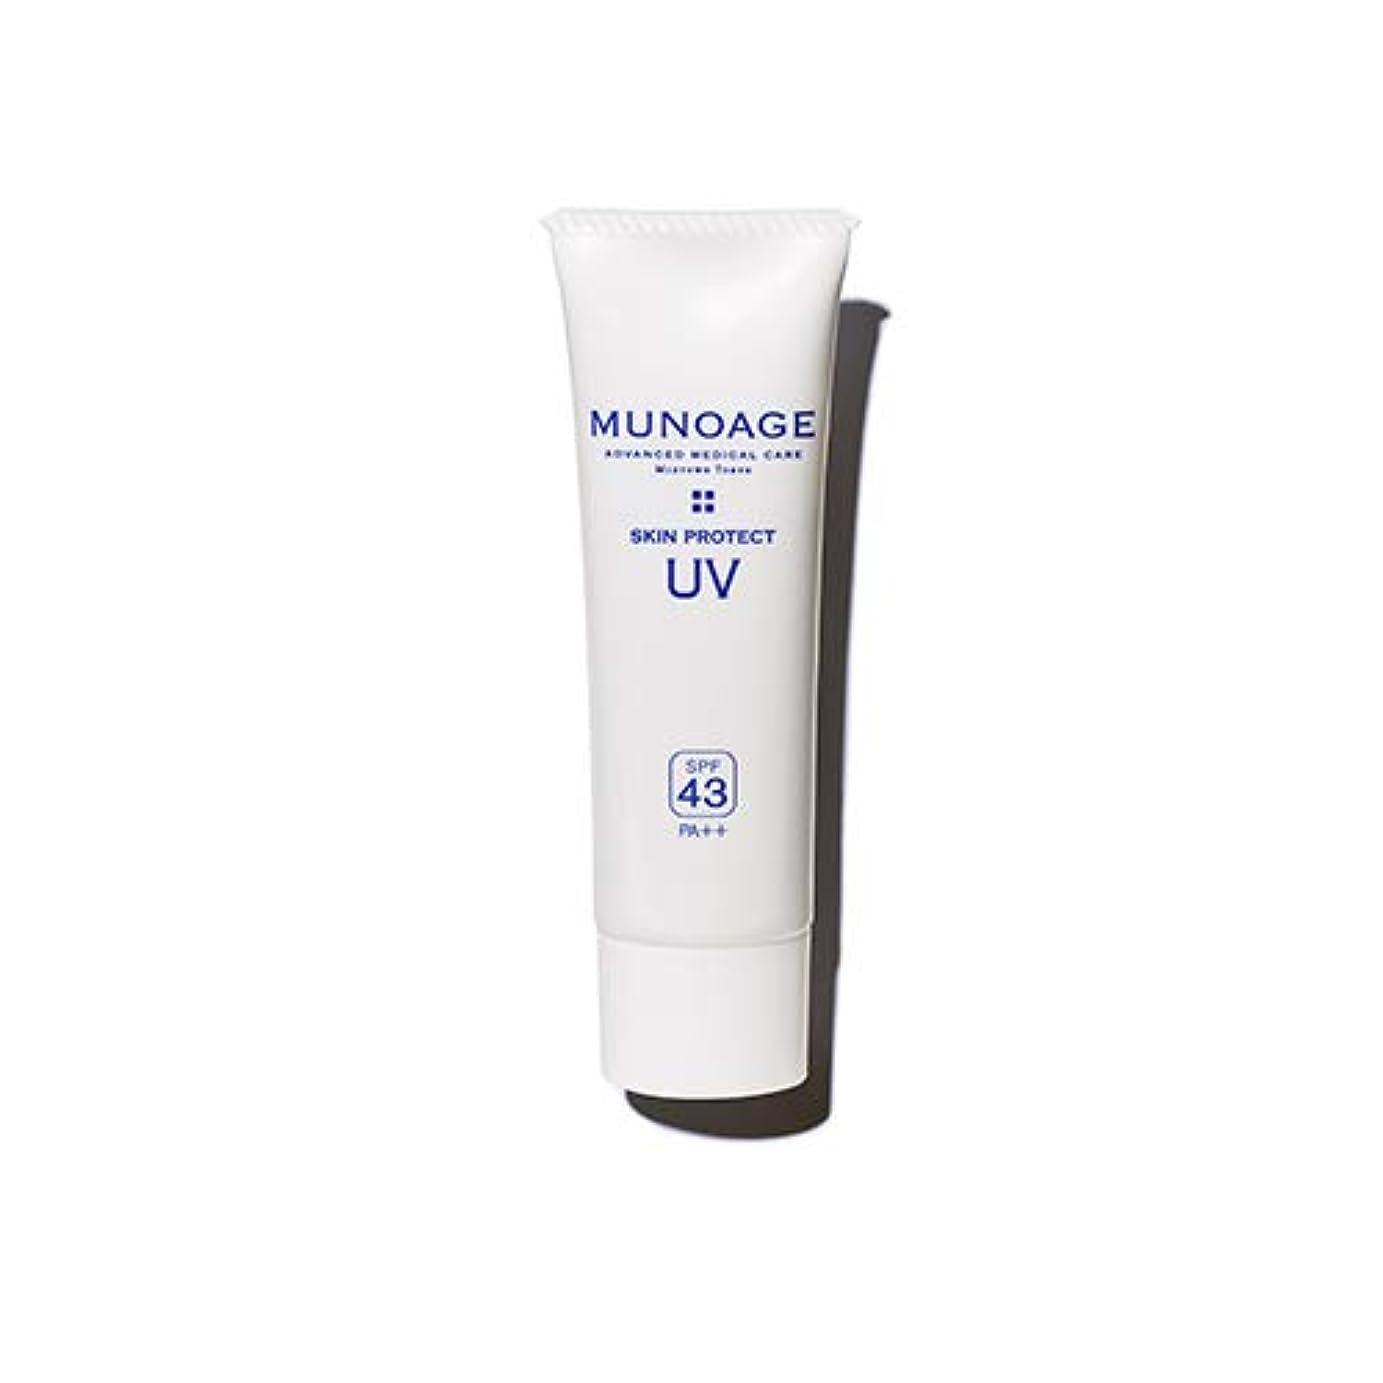 適用する感嘆原油MUNOAGE スキンプロテクトUV 25g【日焼け止めクリーム】SPF43 PA++ 肌色補正 ファンデーションの代用として 紫外線吸収剤フリー【限定プレゼントセット】